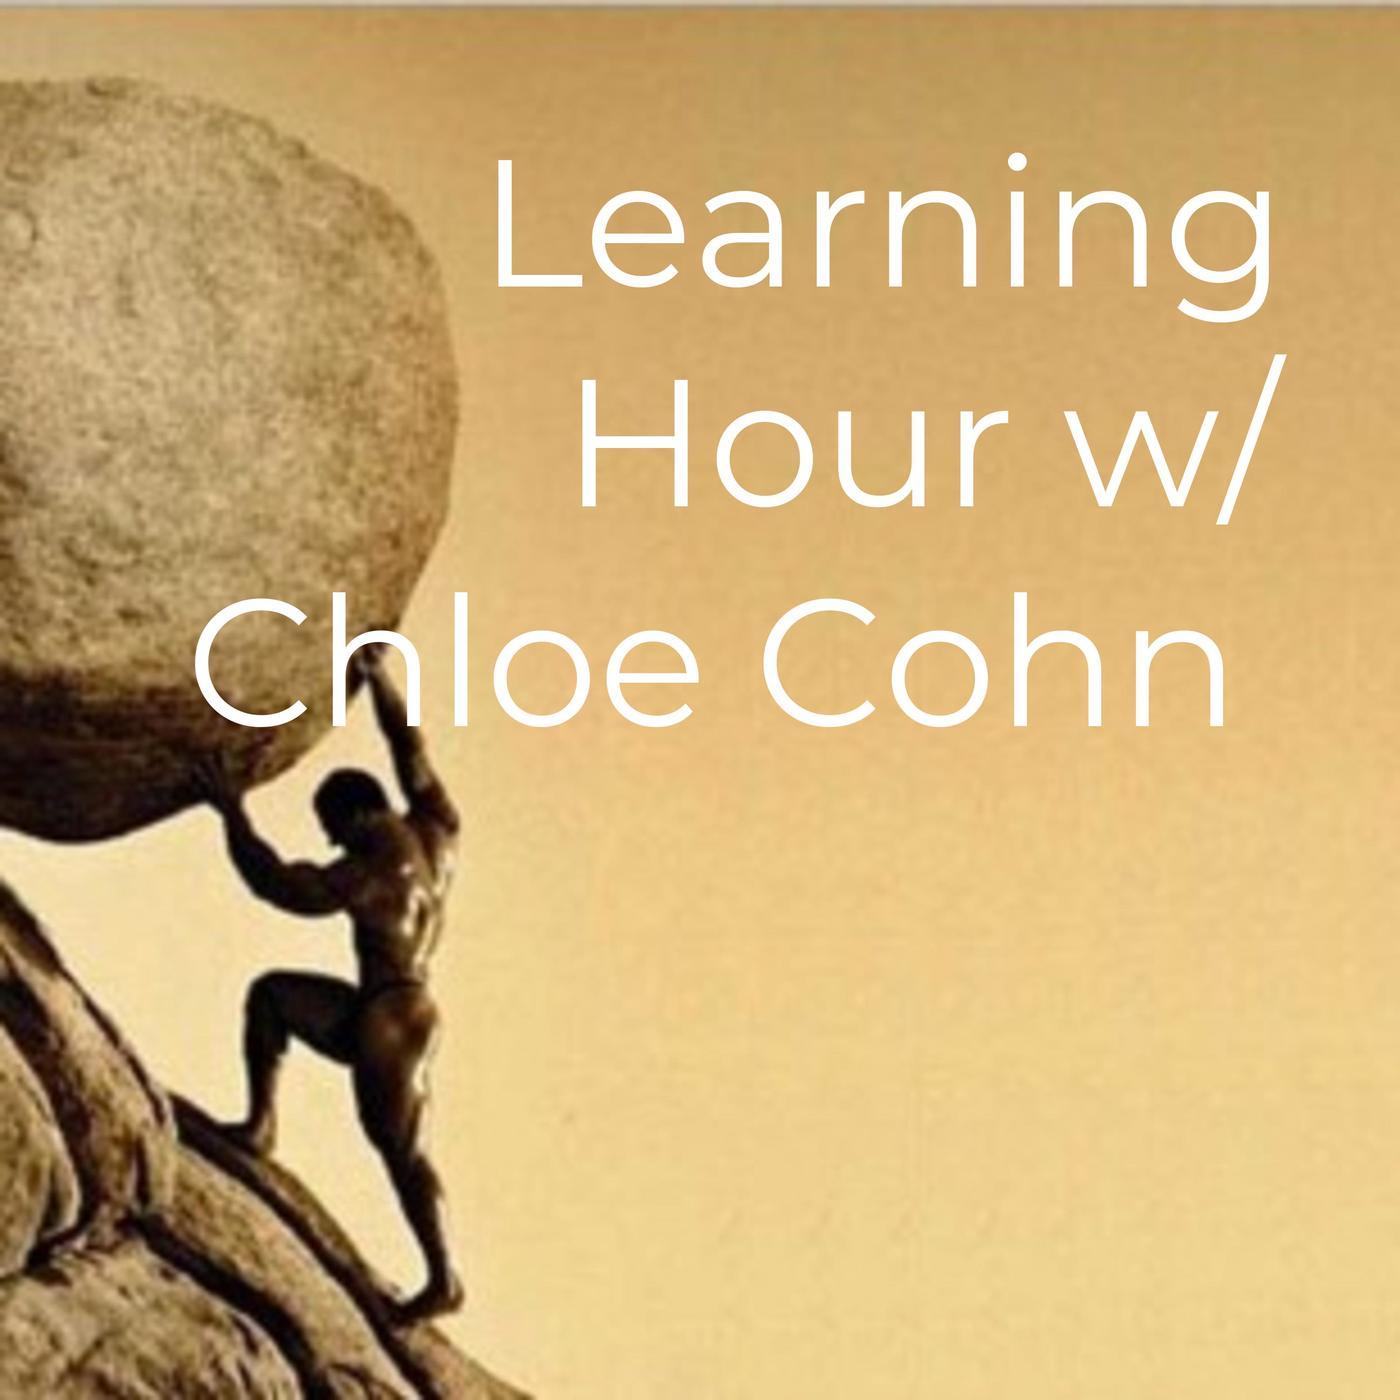 Learning Hour w/ Chloe Cohn (podcast) - Chloe Cohn | Listen